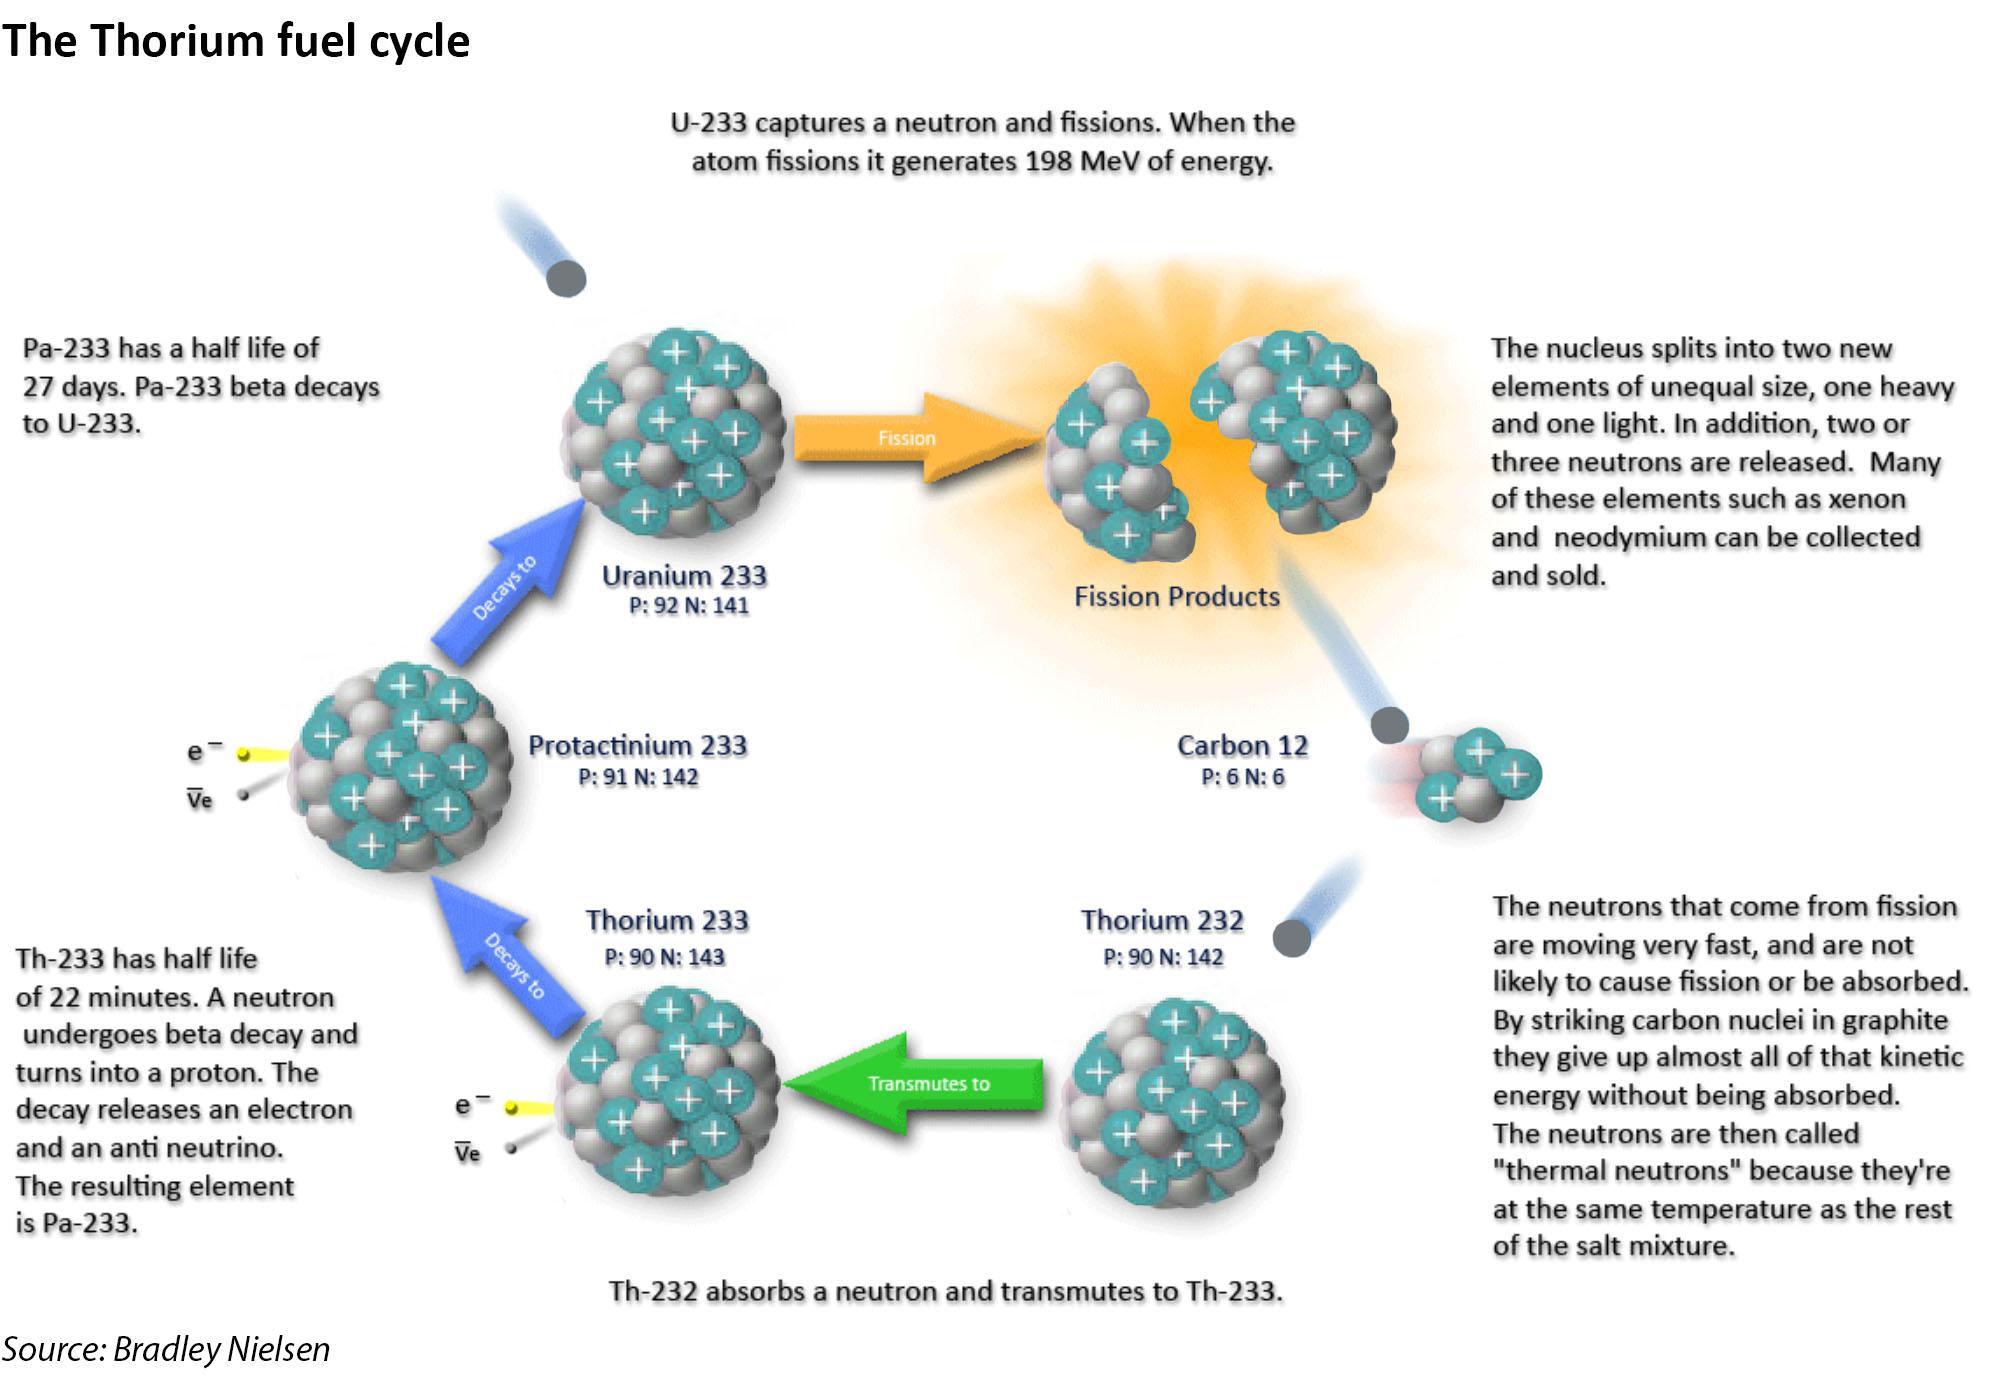 thorium fuel cycle